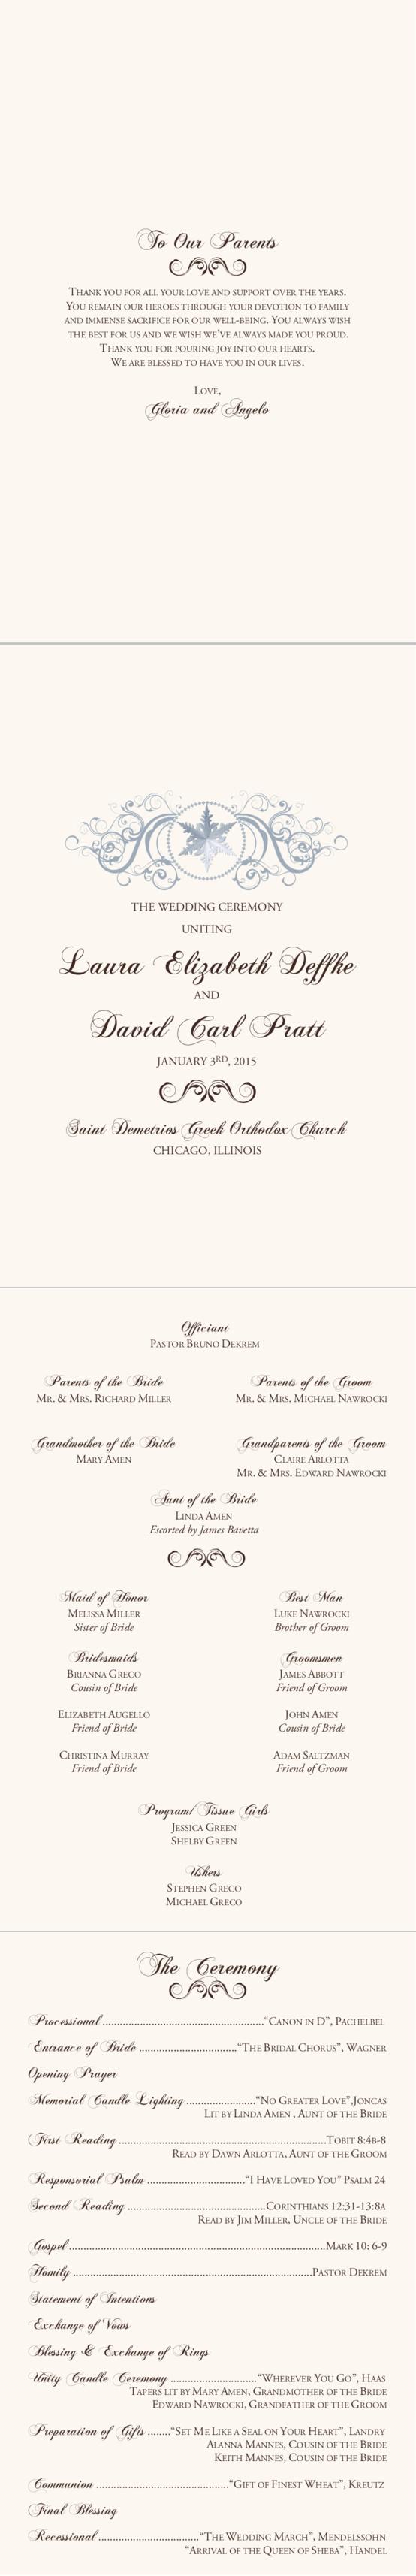 Relatively 11 best wedding programs images on Pinterest | Catholic wedding  VX82